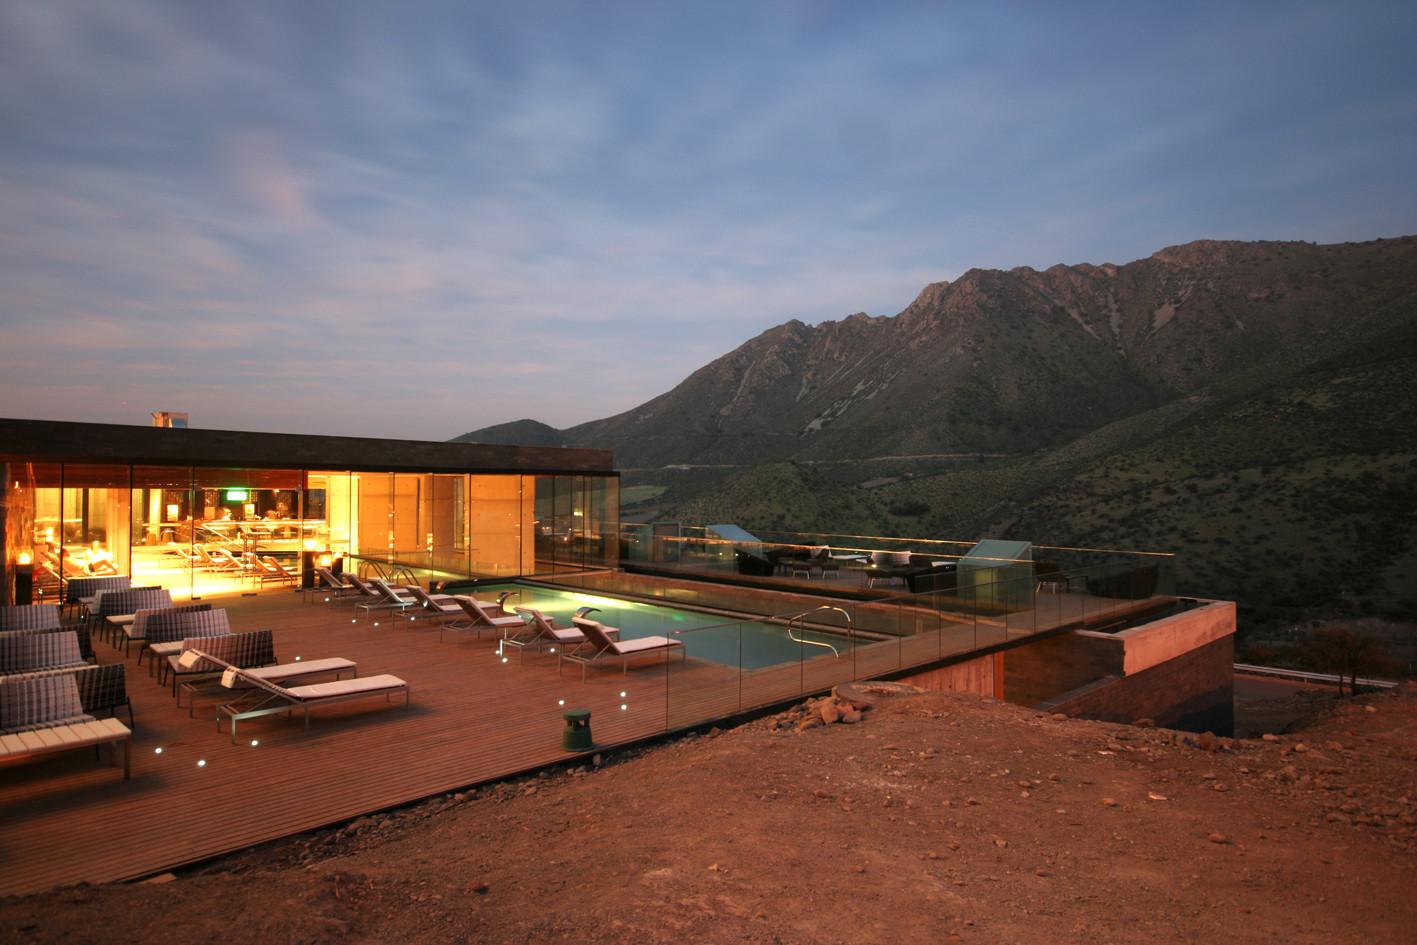 Spa Hotel del Valle / Estudio Larraín, © Rodrigo Larraín Illanes